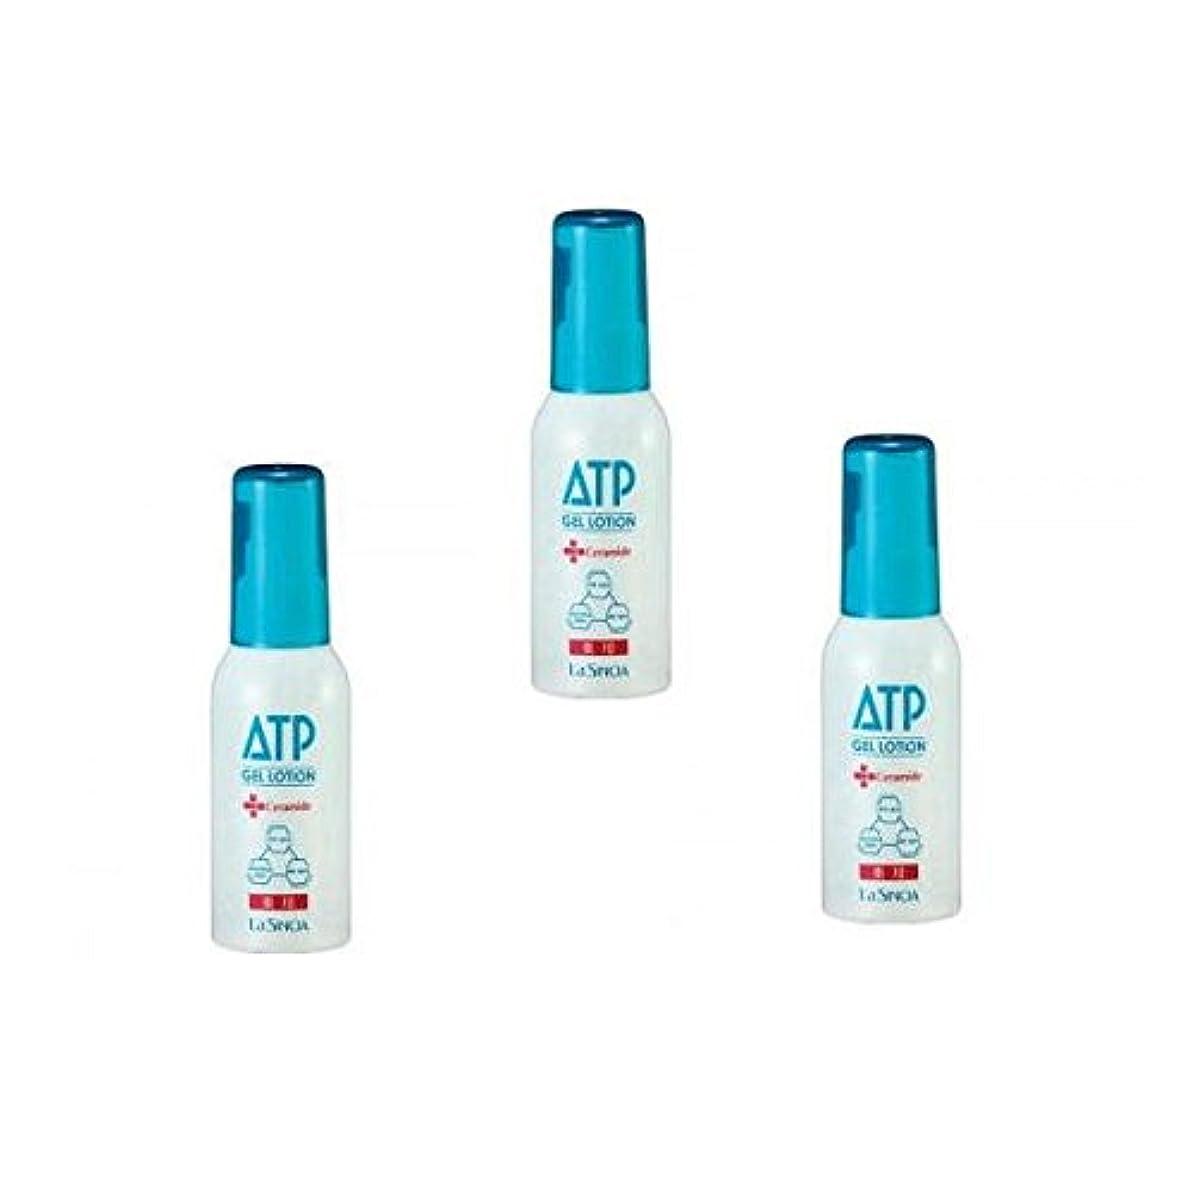 抑止するアフリカしばしば薬用ATPゲルローション 50ml 3個セット